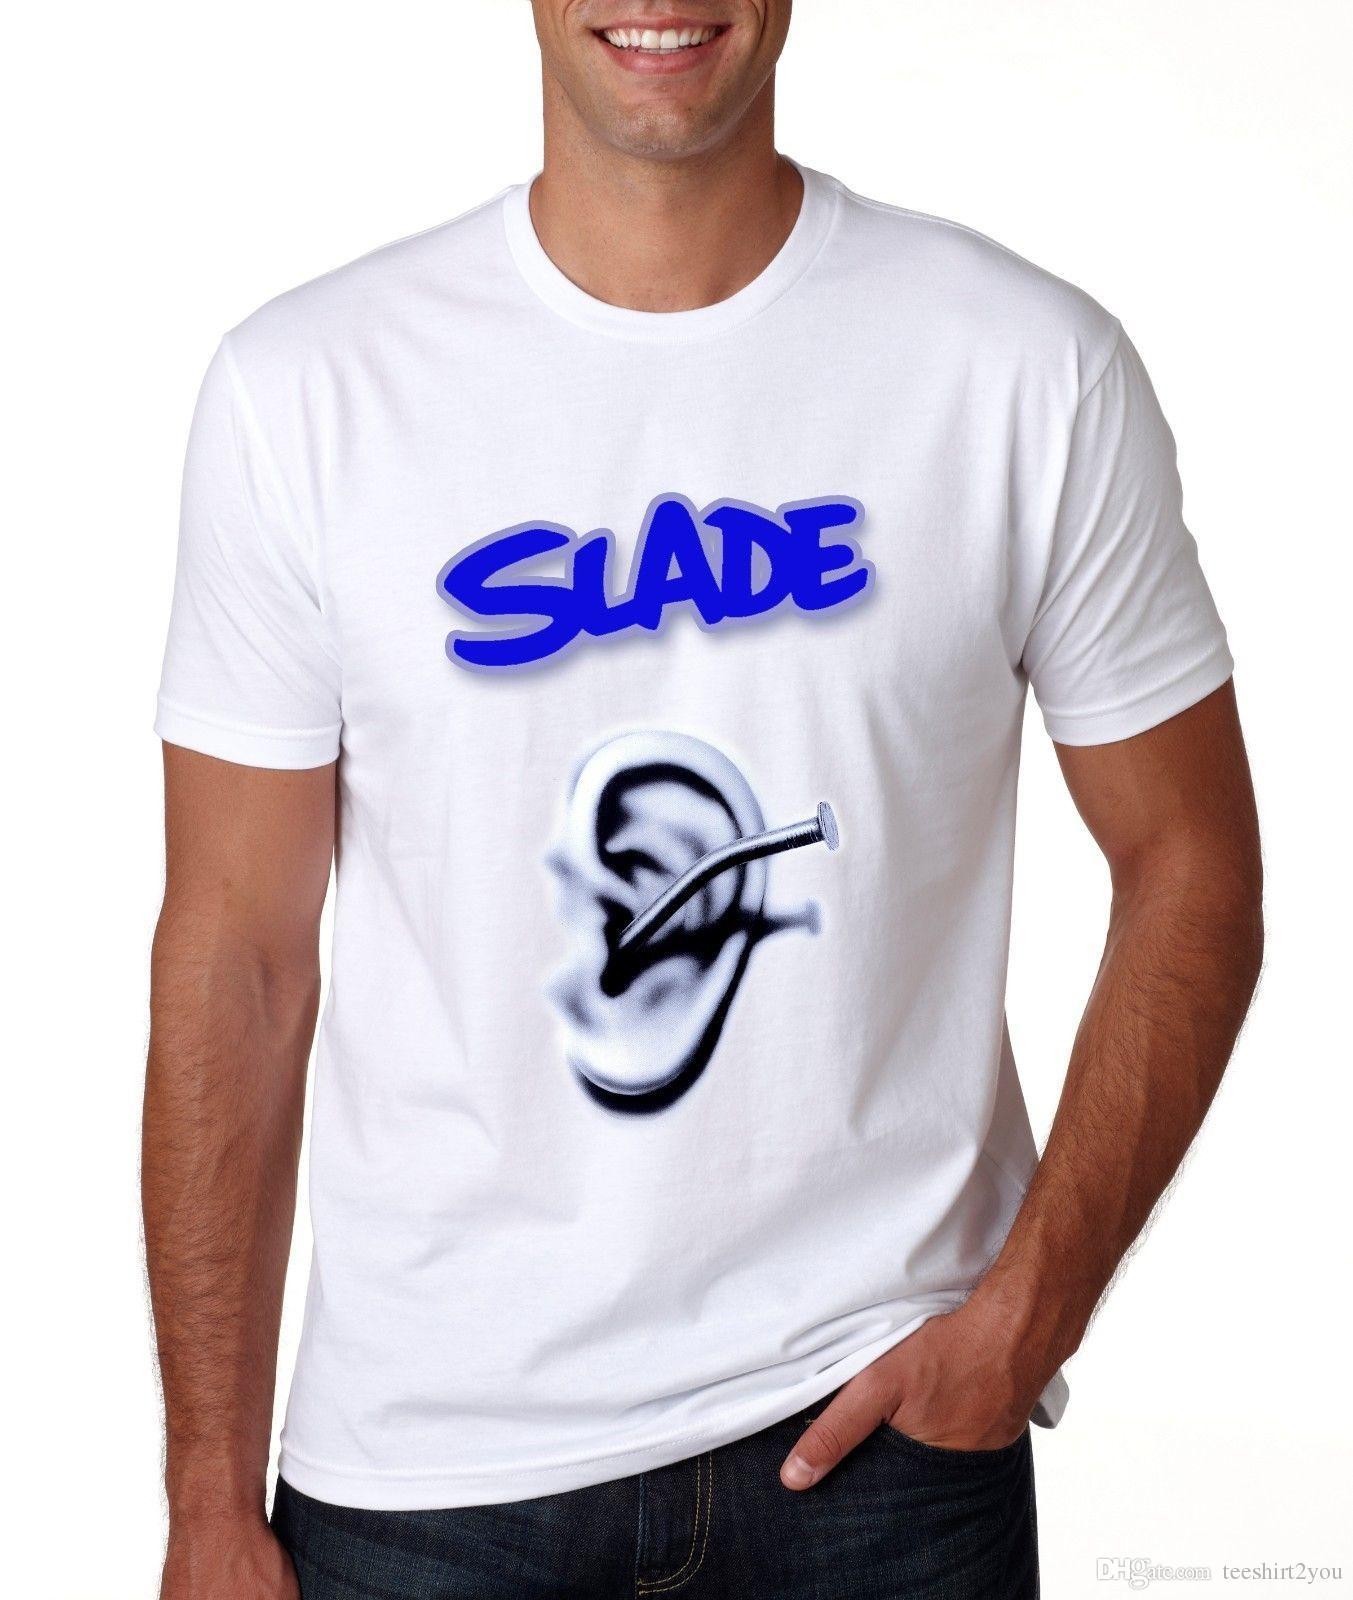 SLADE TILL DEAF DO US PART SHIRT